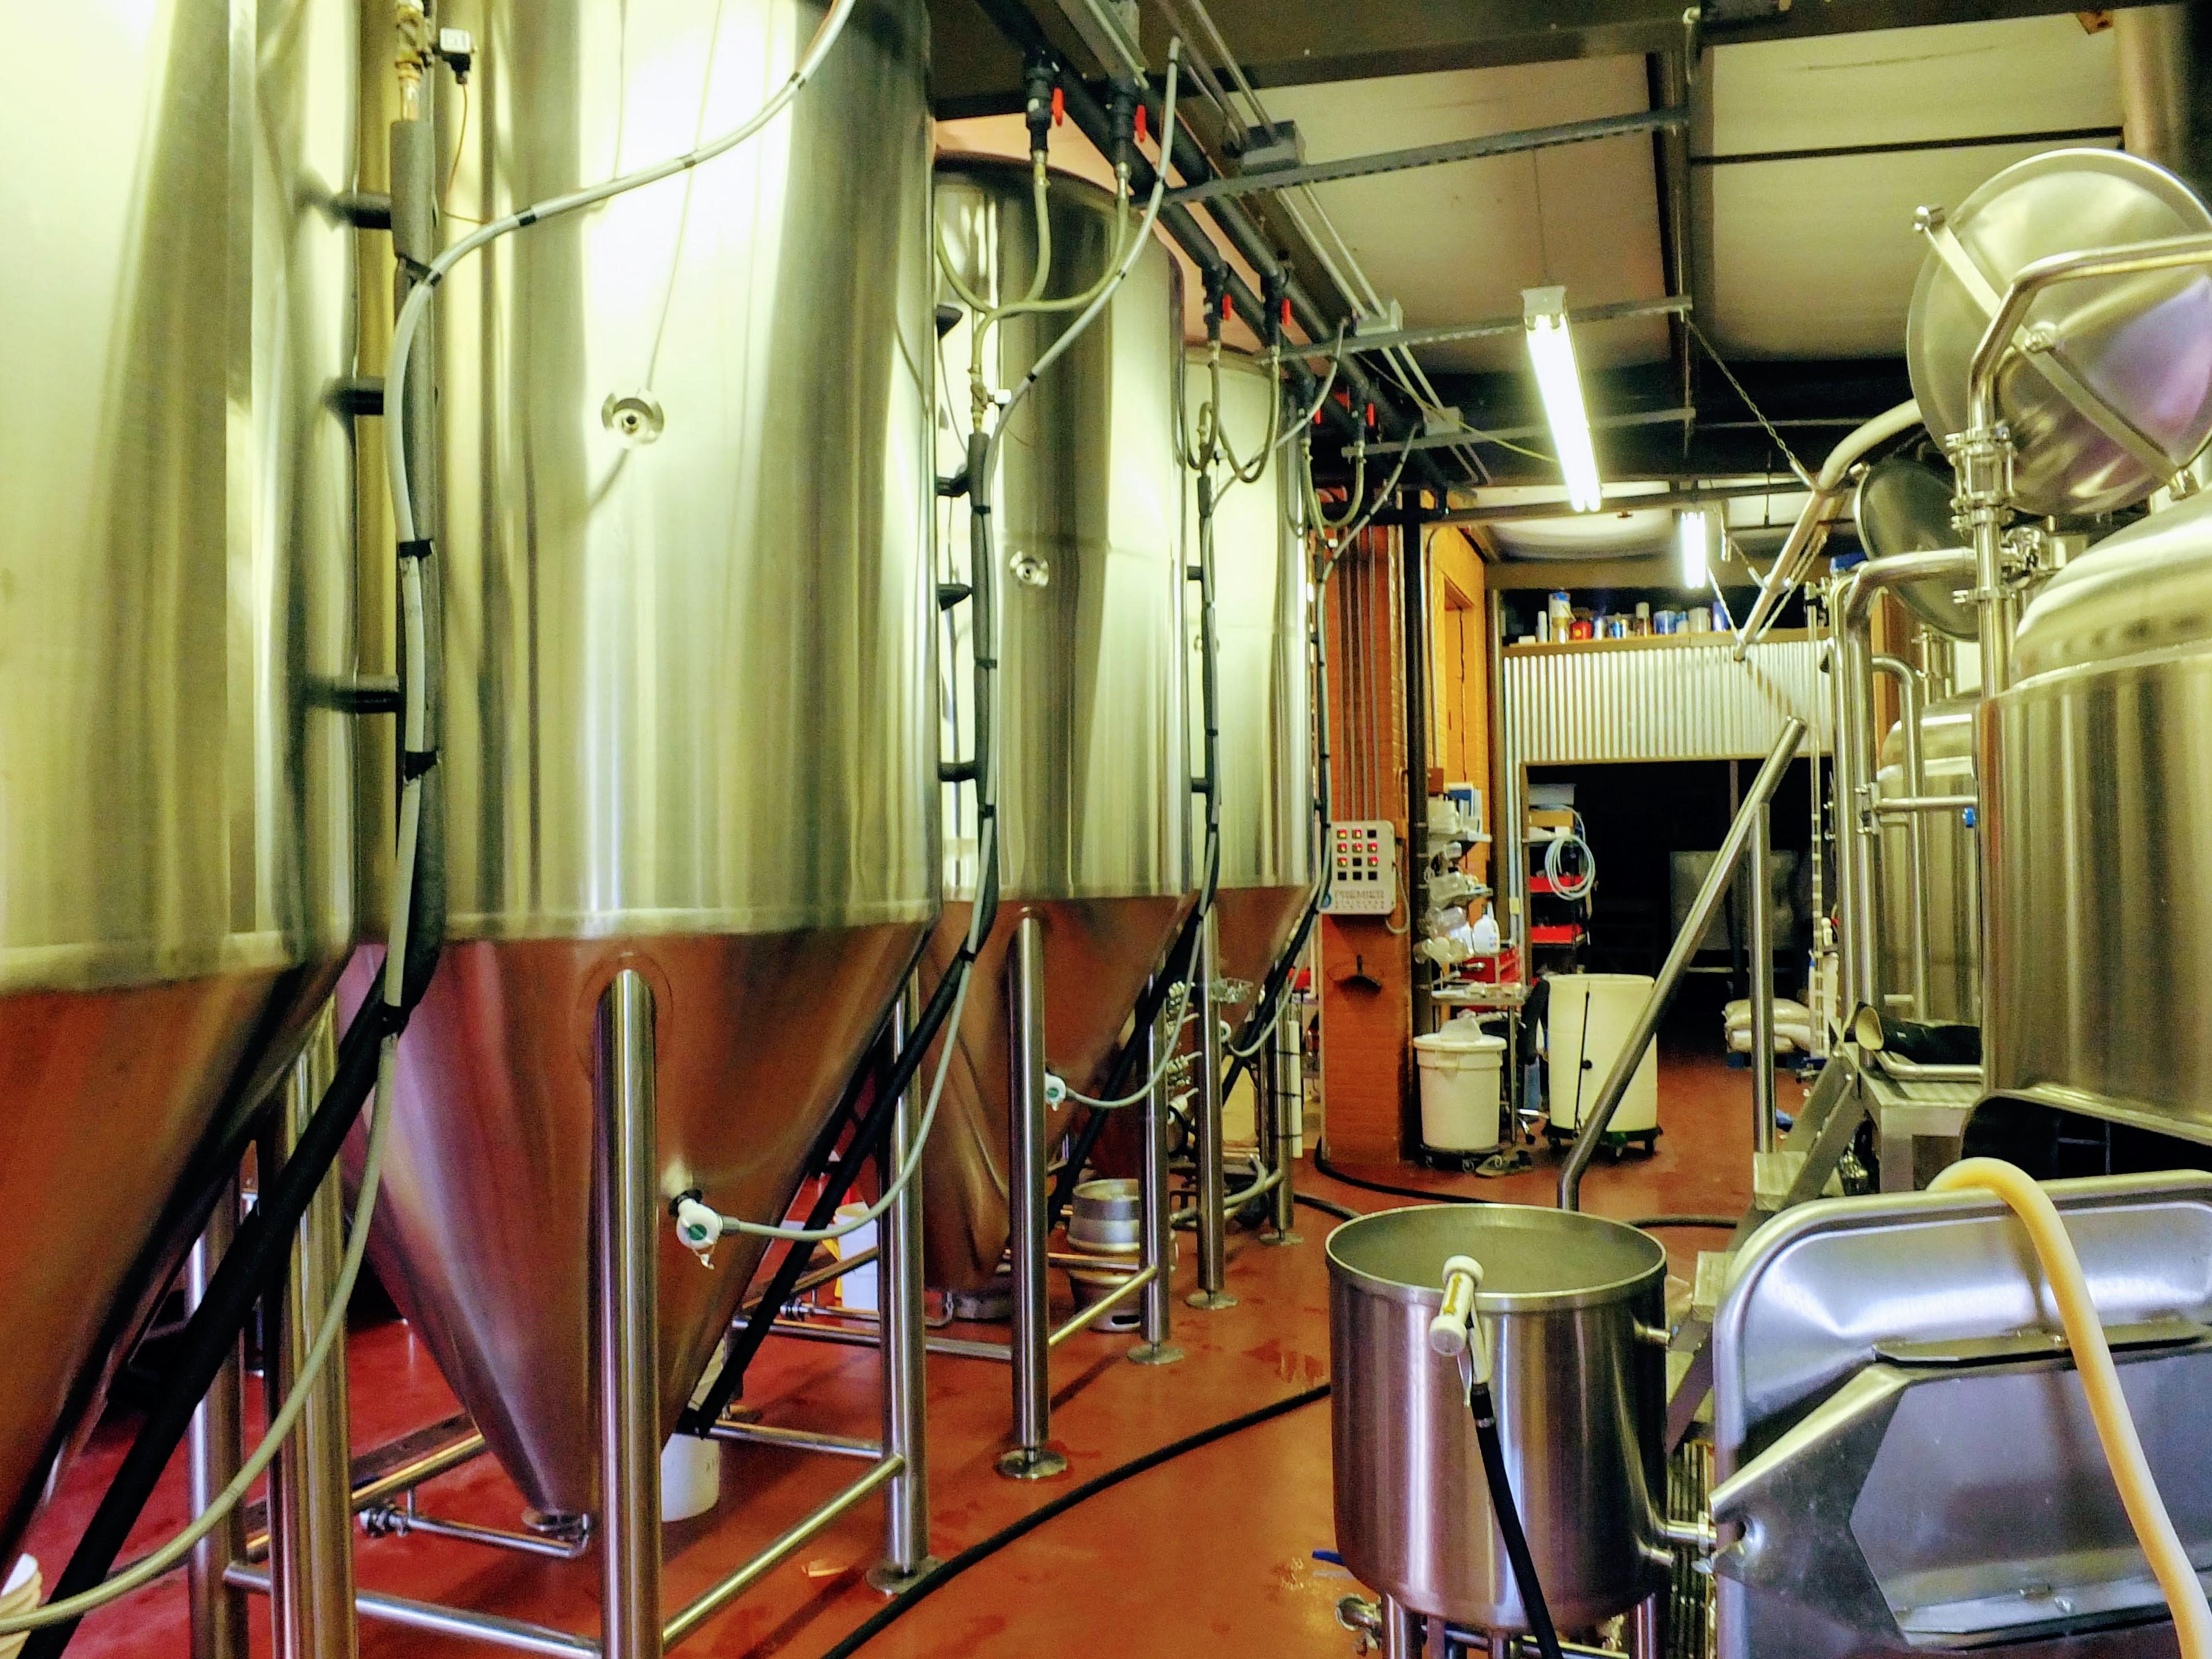 St. Boniface brew kit